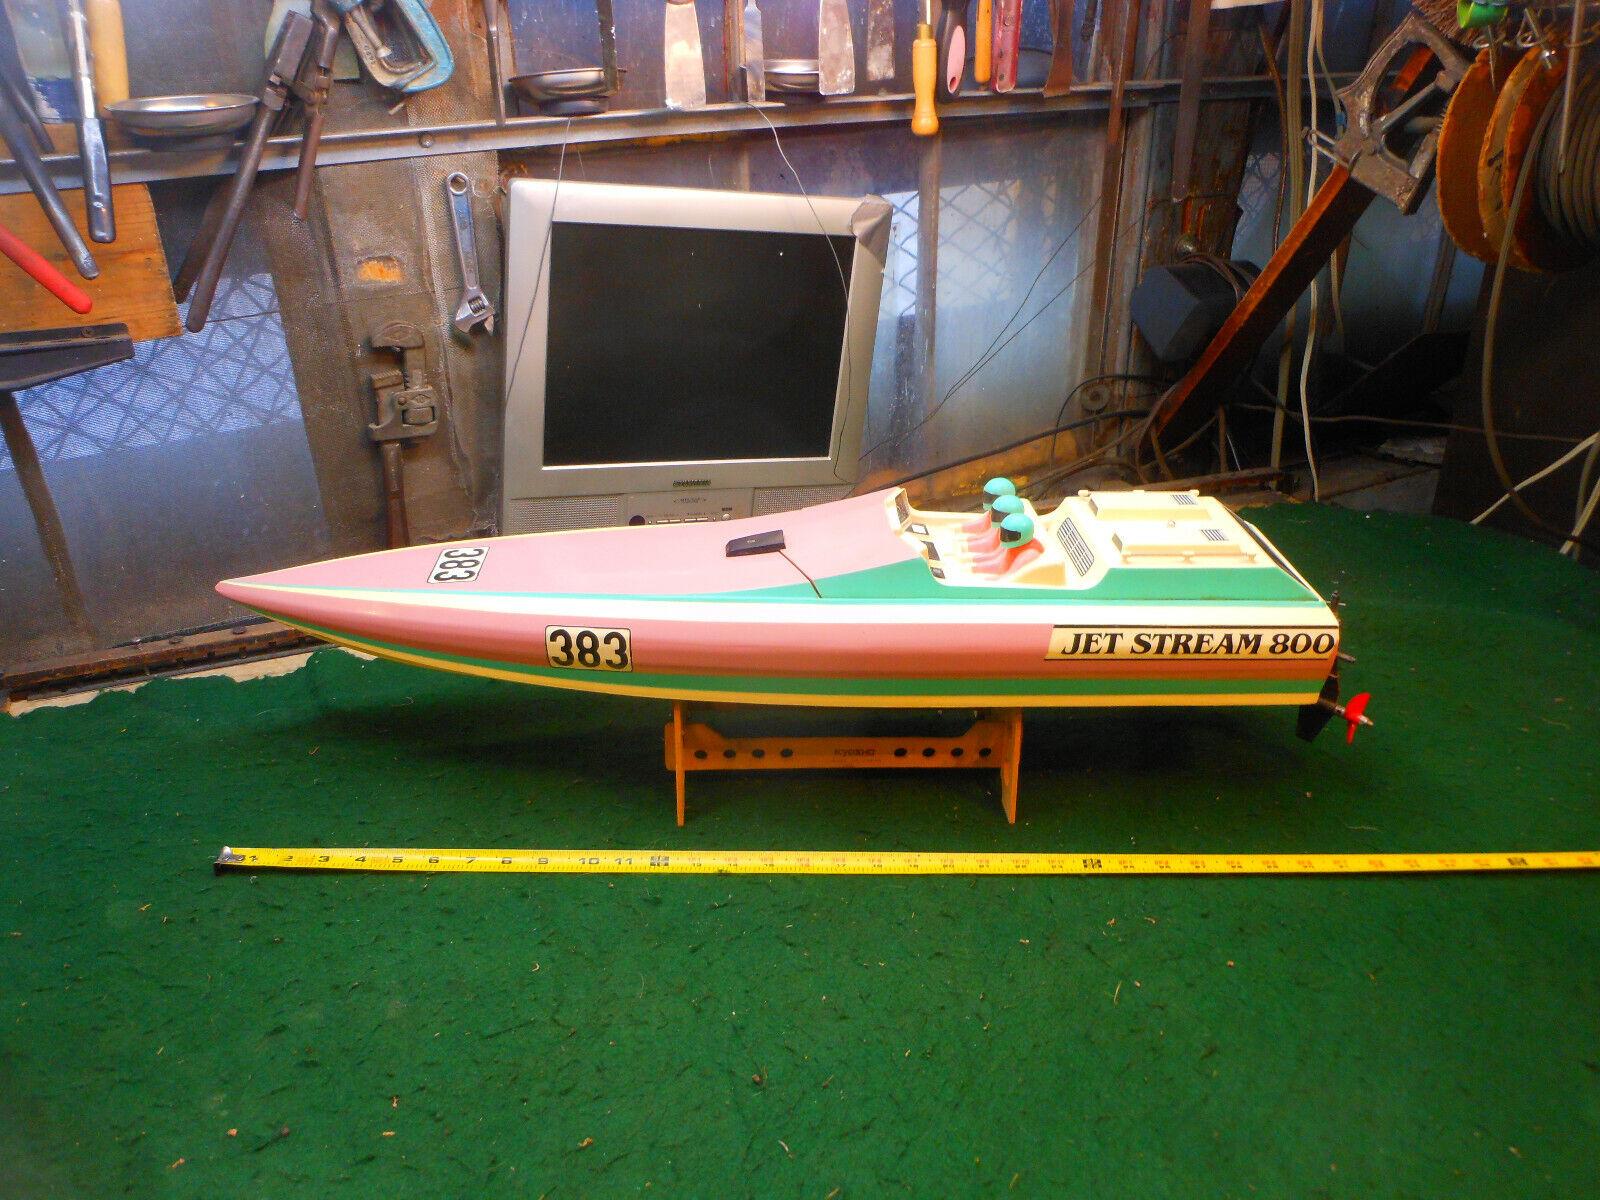 VINTAGE KYOSHO  JETSTREAM 800 RC BOAT guardas completare. for parts or repair  economico e alla moda